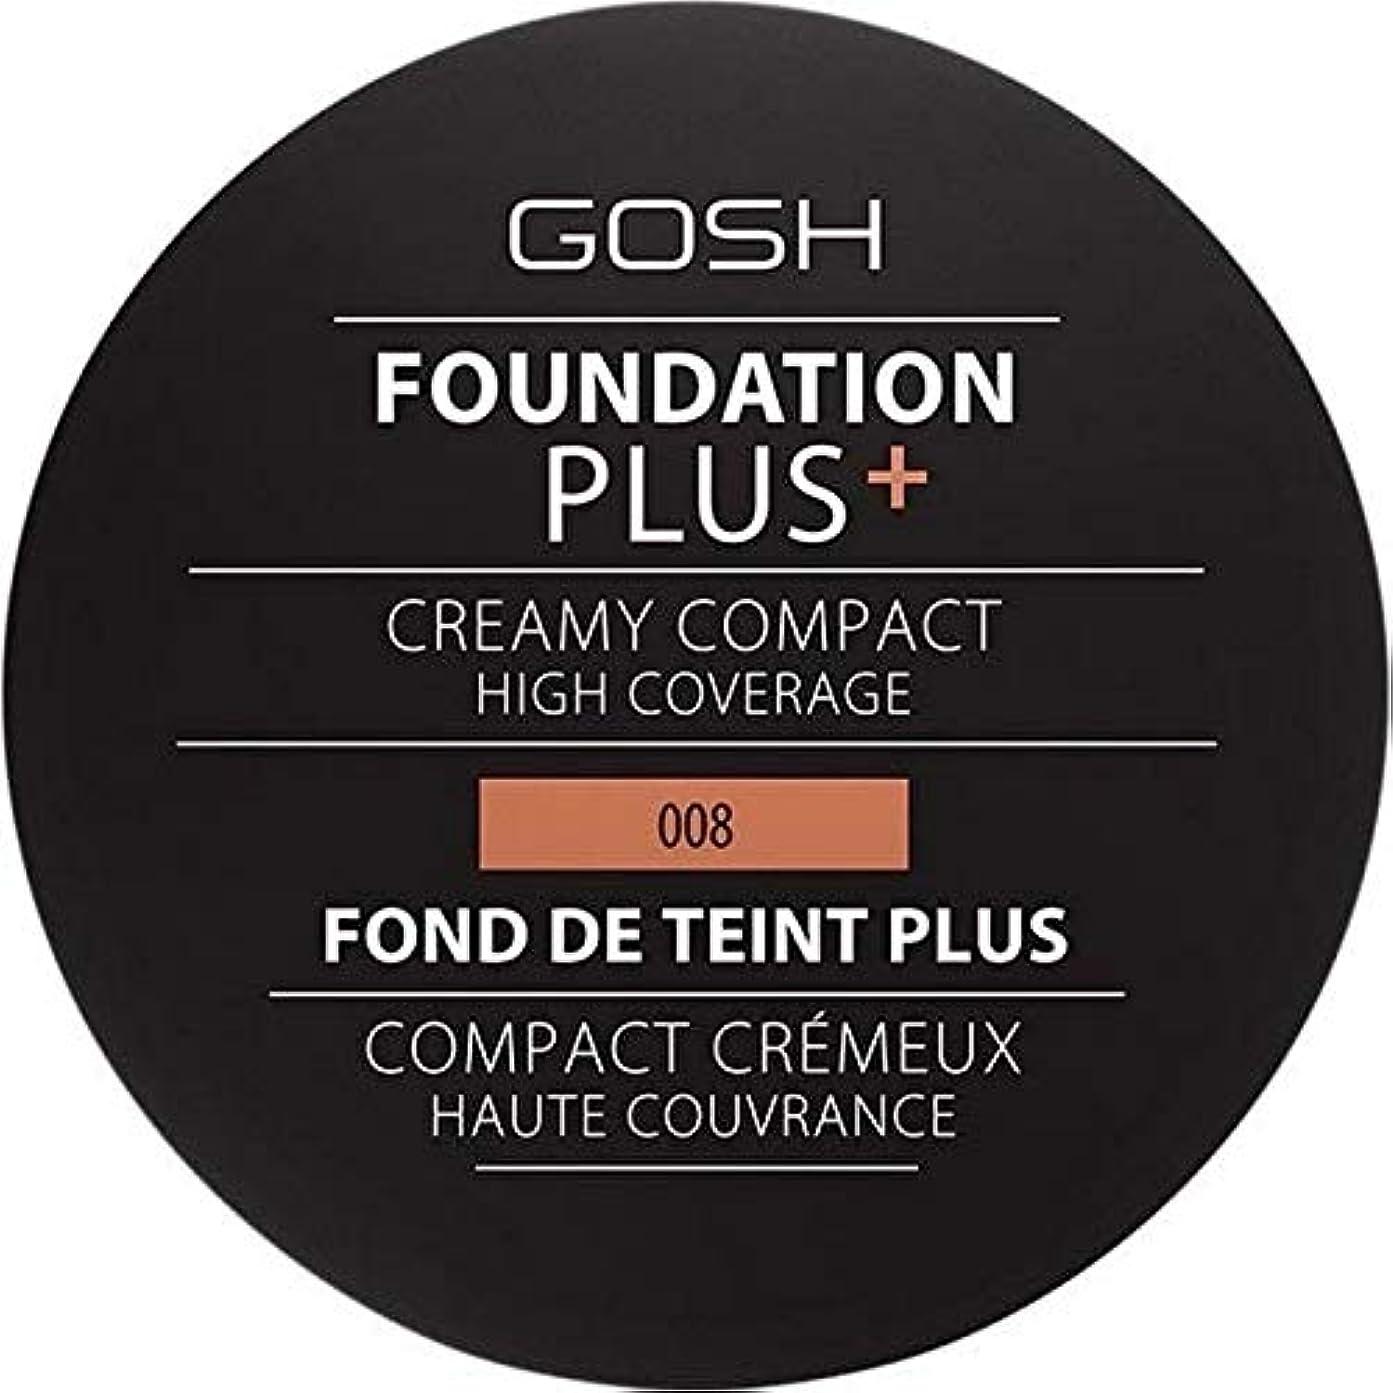 ミス付ける業界[GOSH ] おやっ基盤プラス008 +クリーミーコンパクト黄金 - Gosh Foundation Plus+ Creamy Compact Golden 008 [並行輸入品]